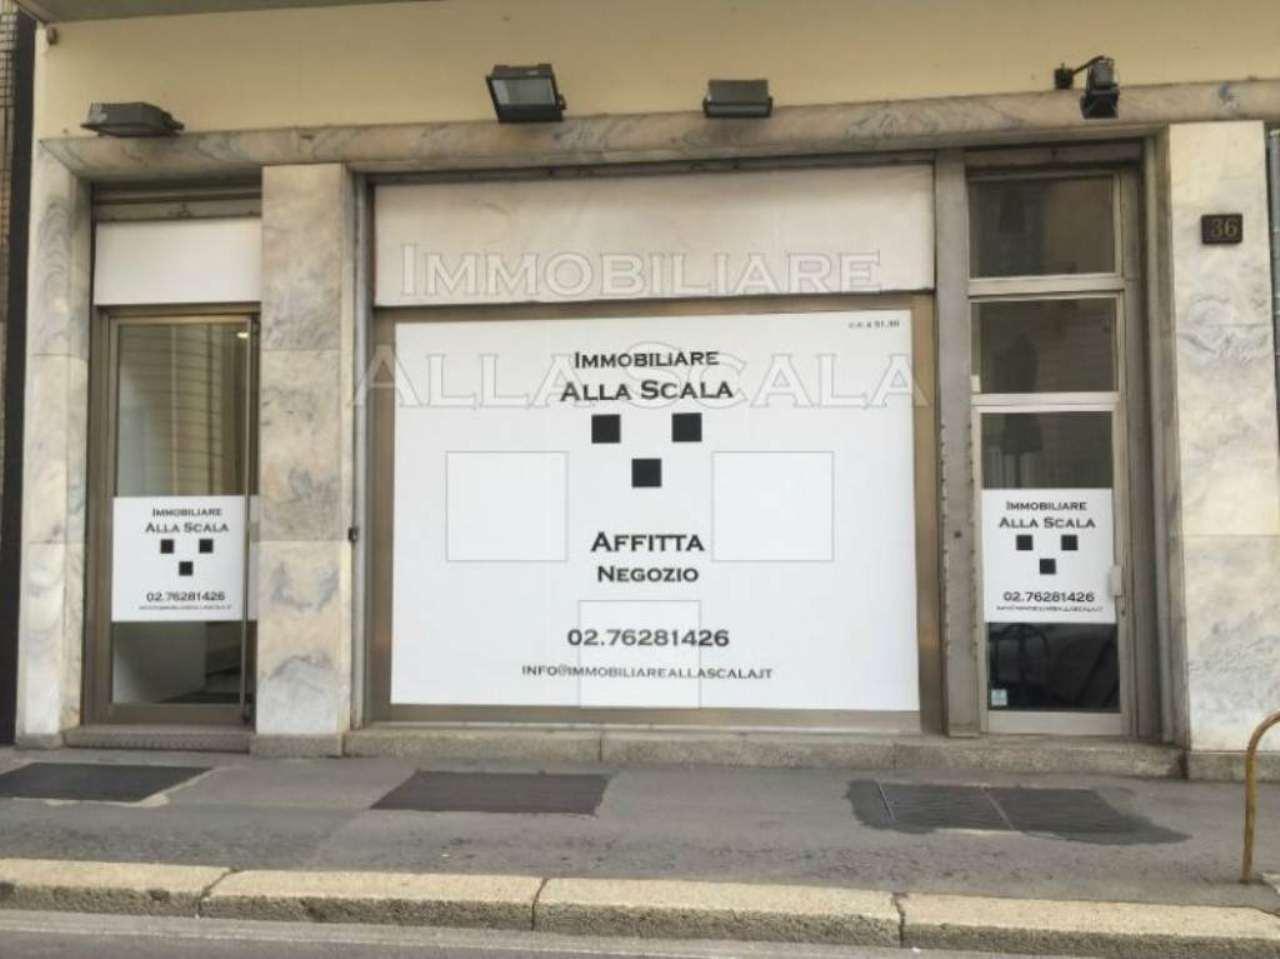 Negozio / Locale in affitto a Milano, 3 locali, zona Zona: 1 . Centro Storico, Duomo, Brera, Cadorna, Cattolica, prezzo € 10.833 | CambioCasa.it